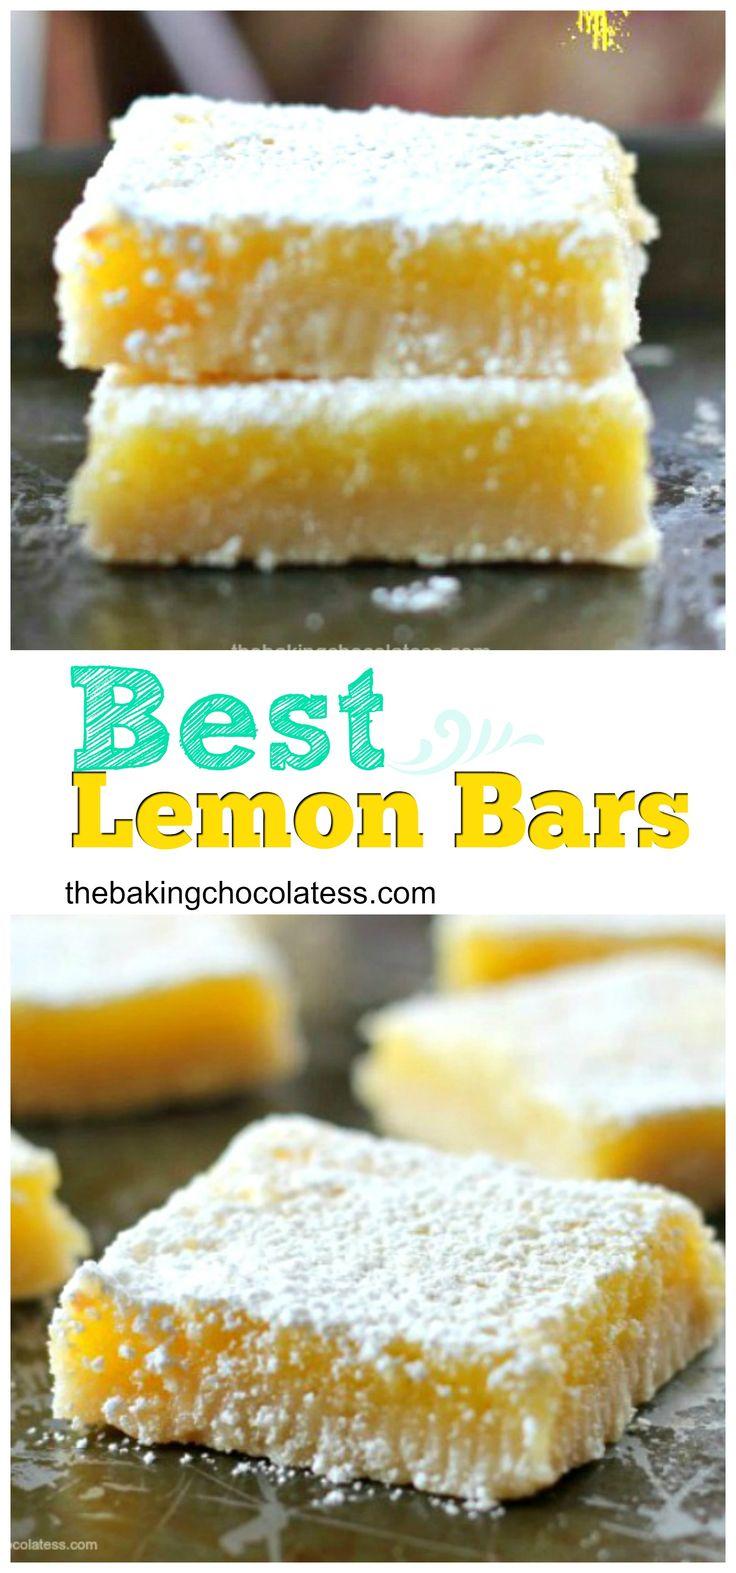 Best Lemon Bars via @https://www.pinterest.com/BaknChocolaTess/